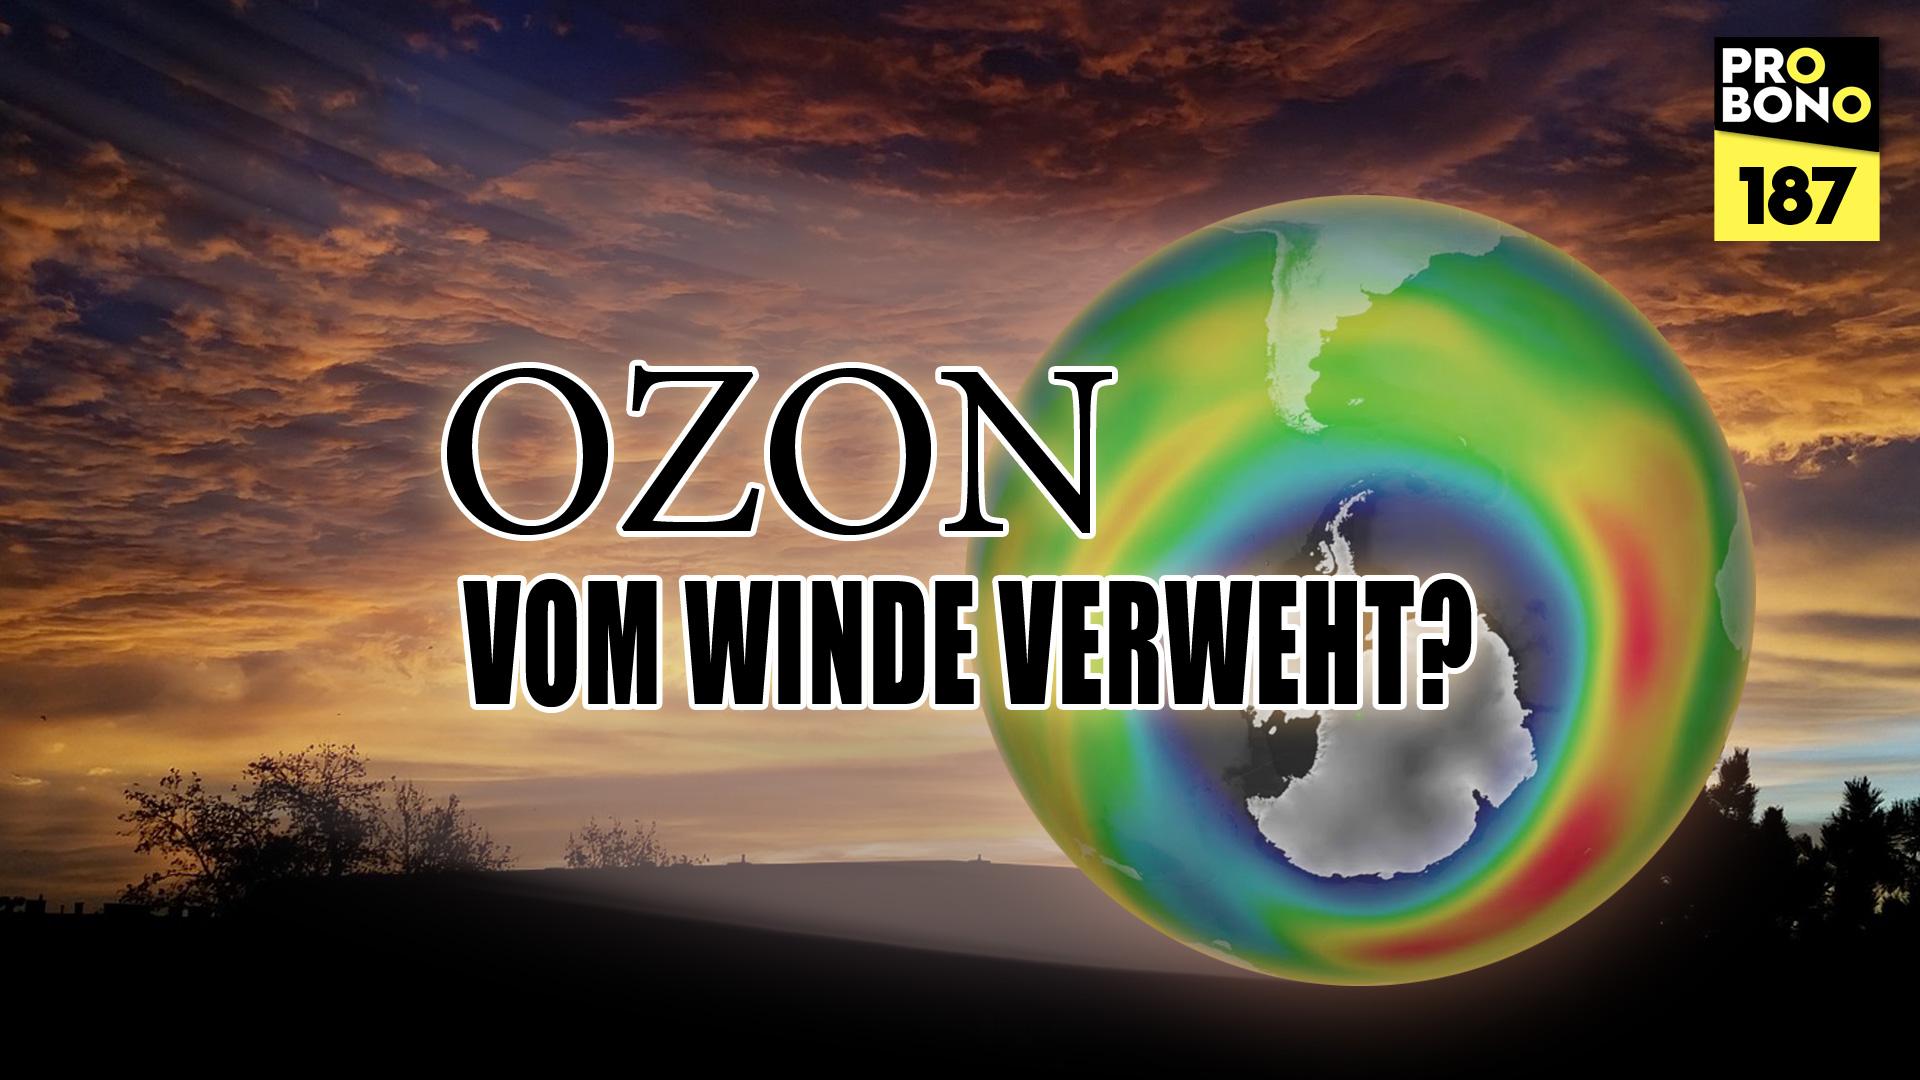 Ozon – Was war das noch? (probono Magazin)